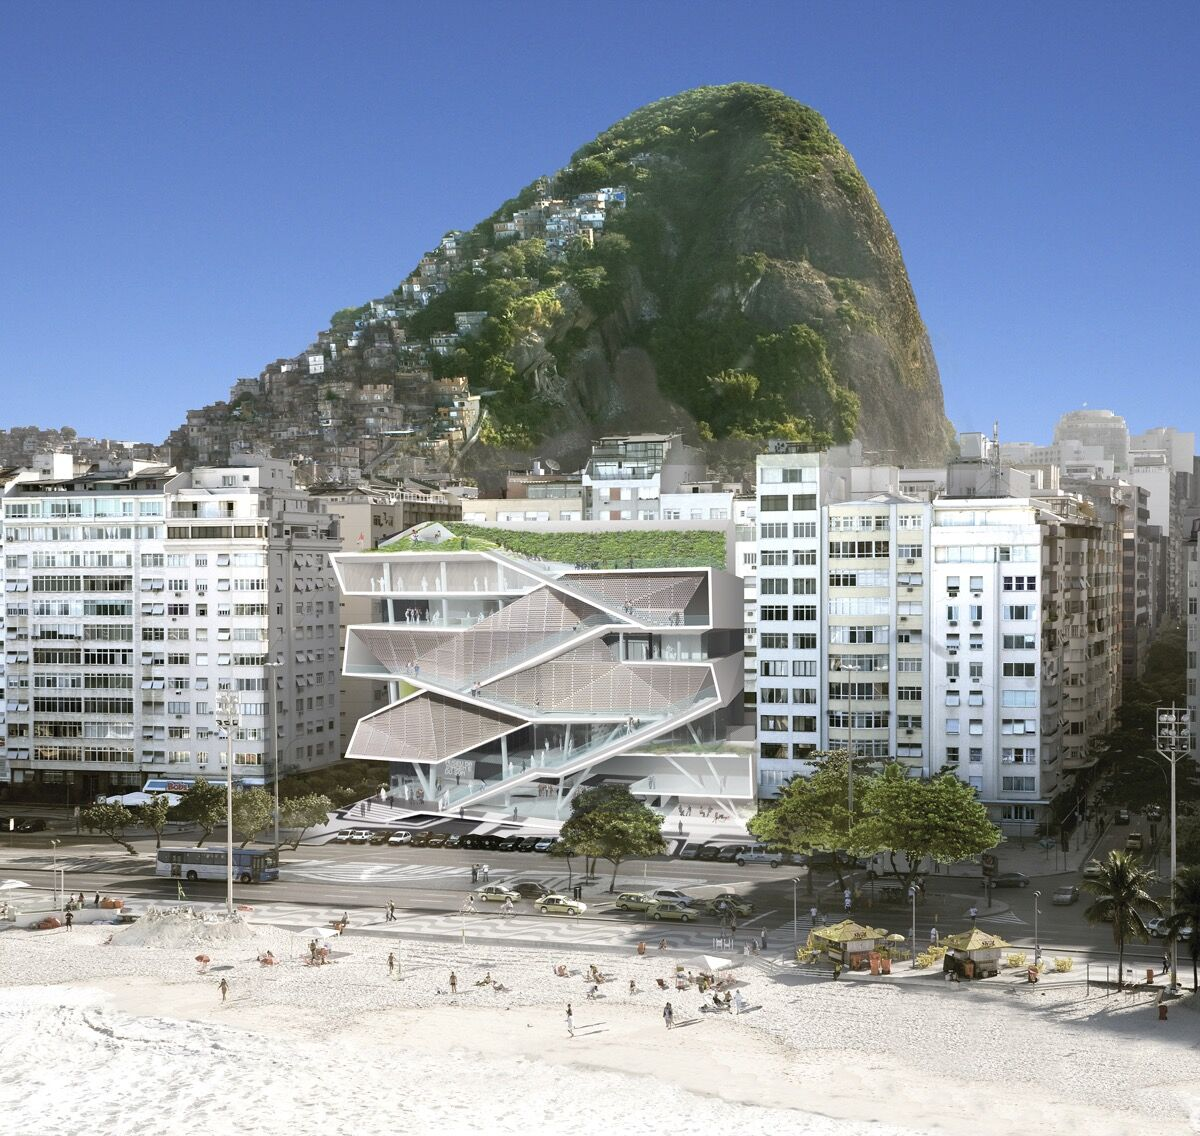 Rendering ofMuseum of Image and Sound, courtesy of Diller Scofidio + Renfro and Fundação Roberto Marinho.